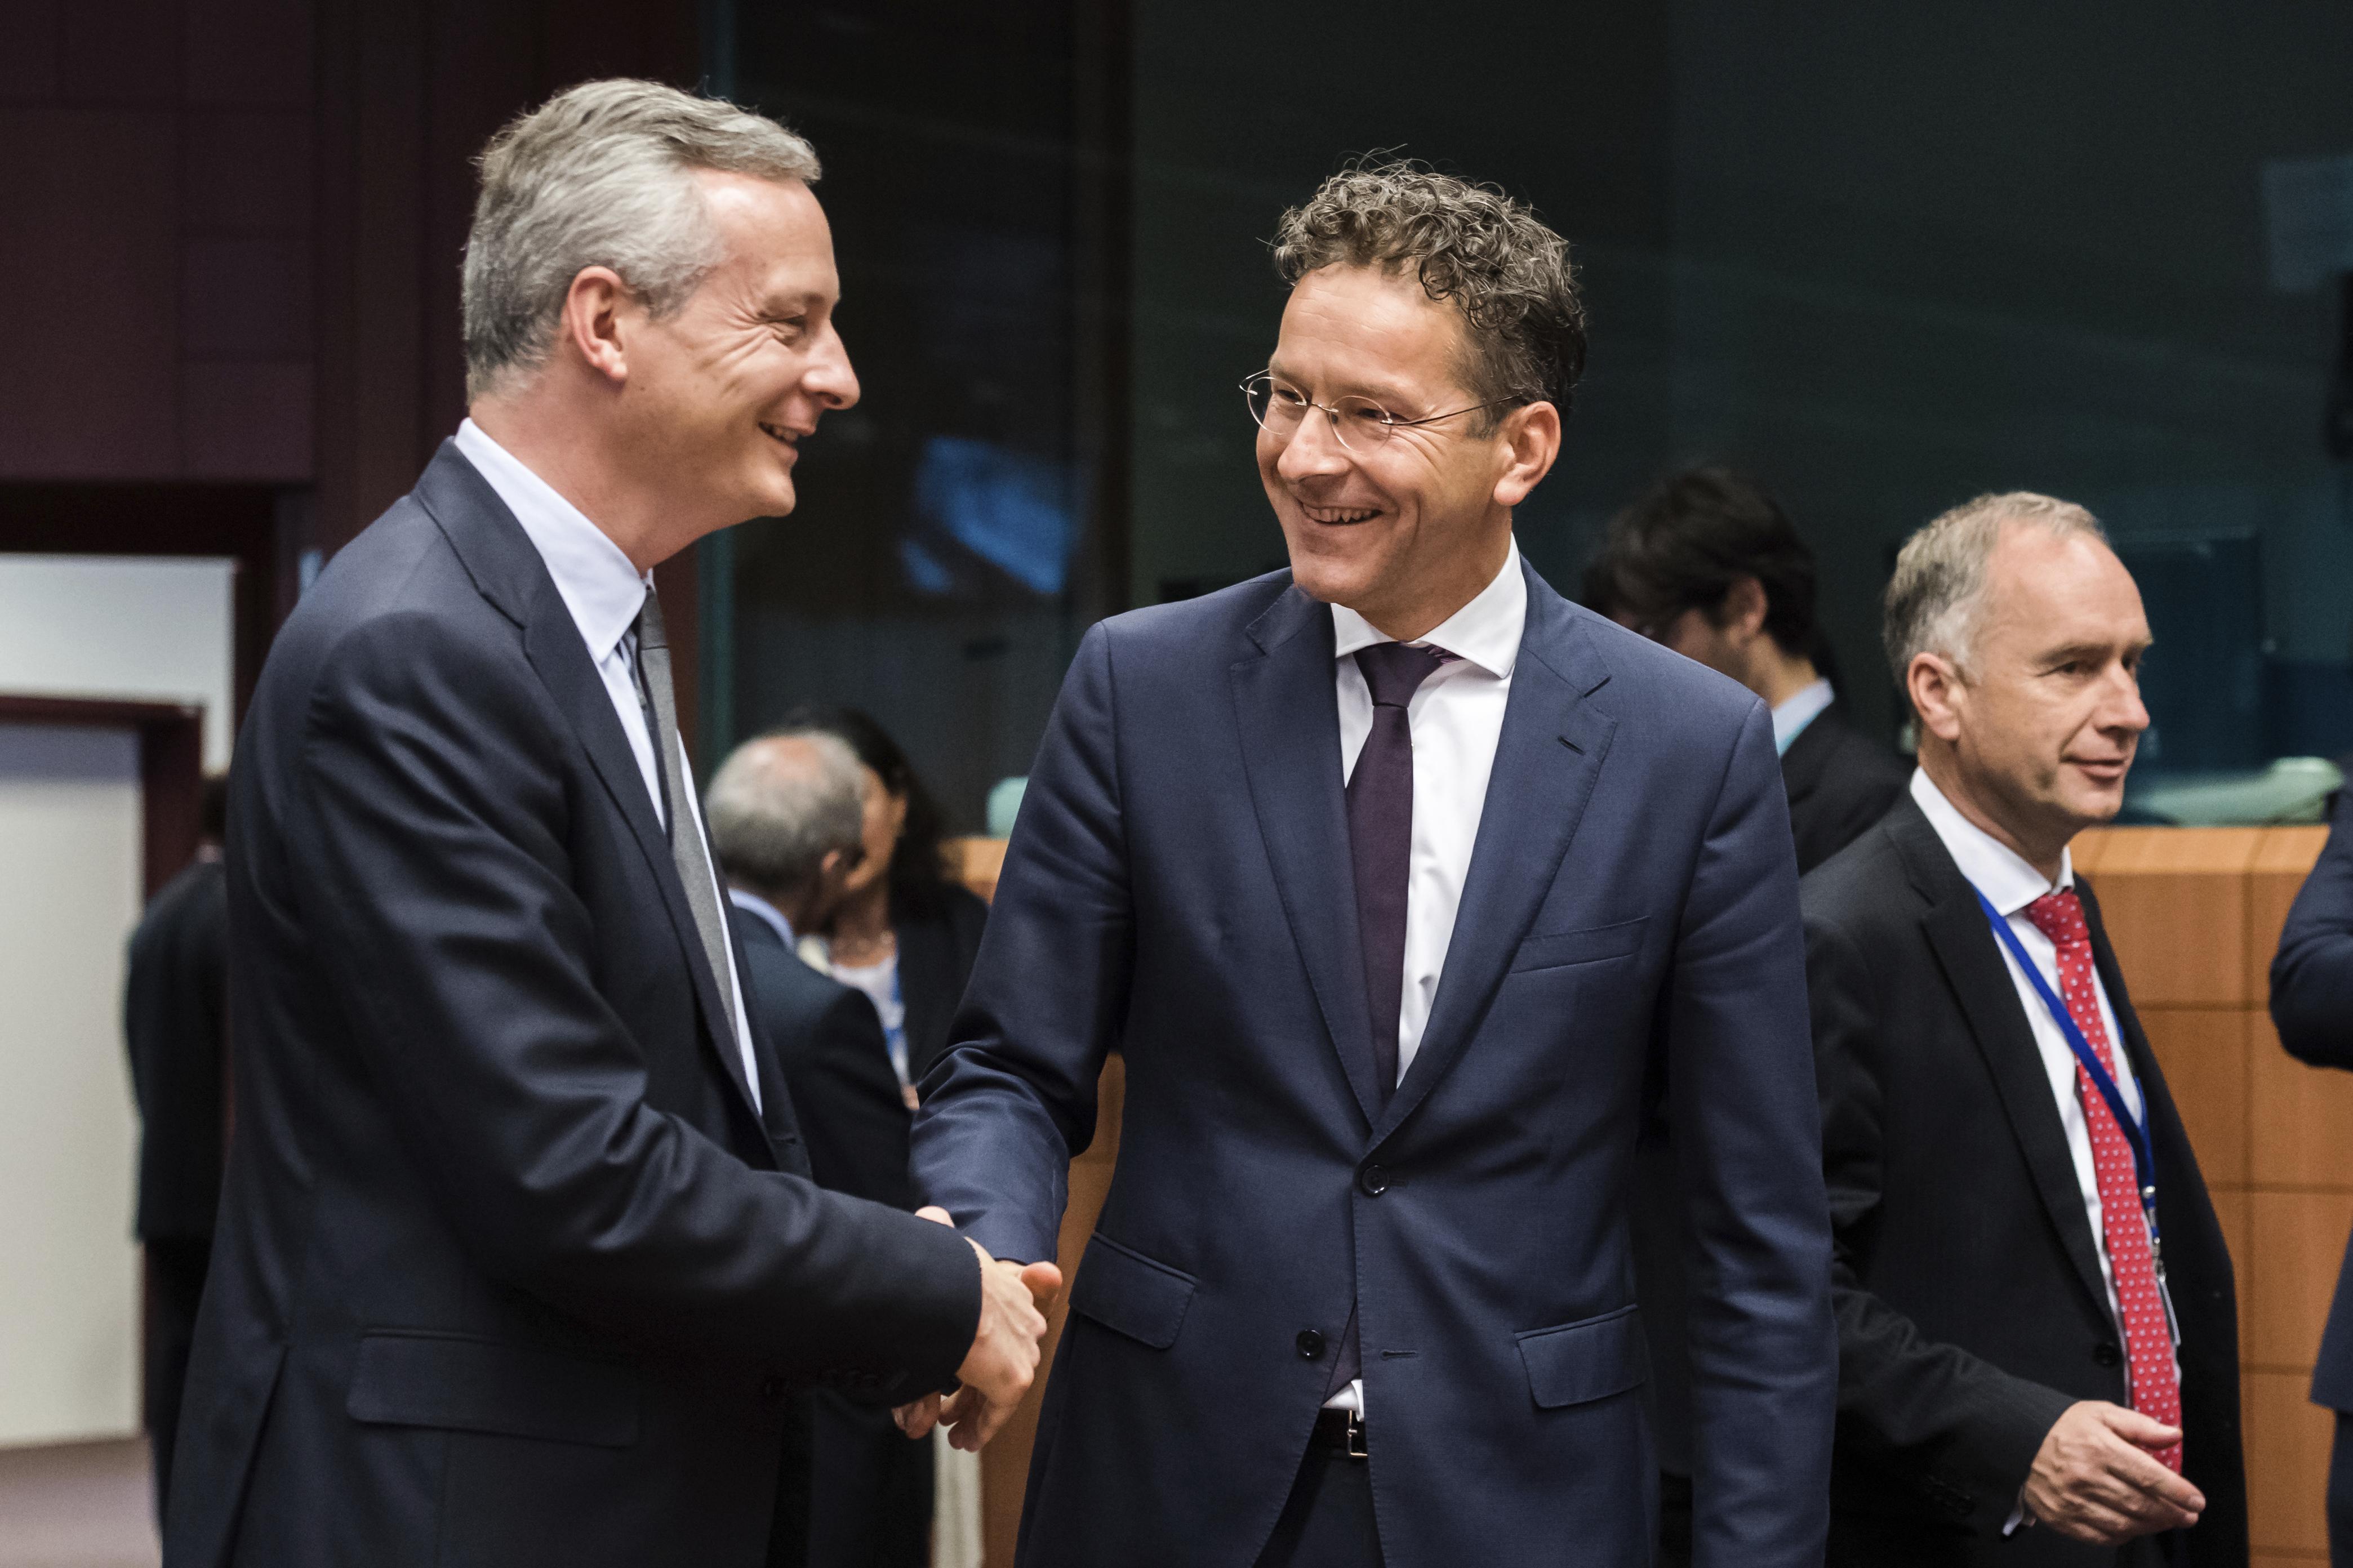 Министрите на финансите от ЕС почти се разбраха за бюджета на еврозоната, но не съвсем